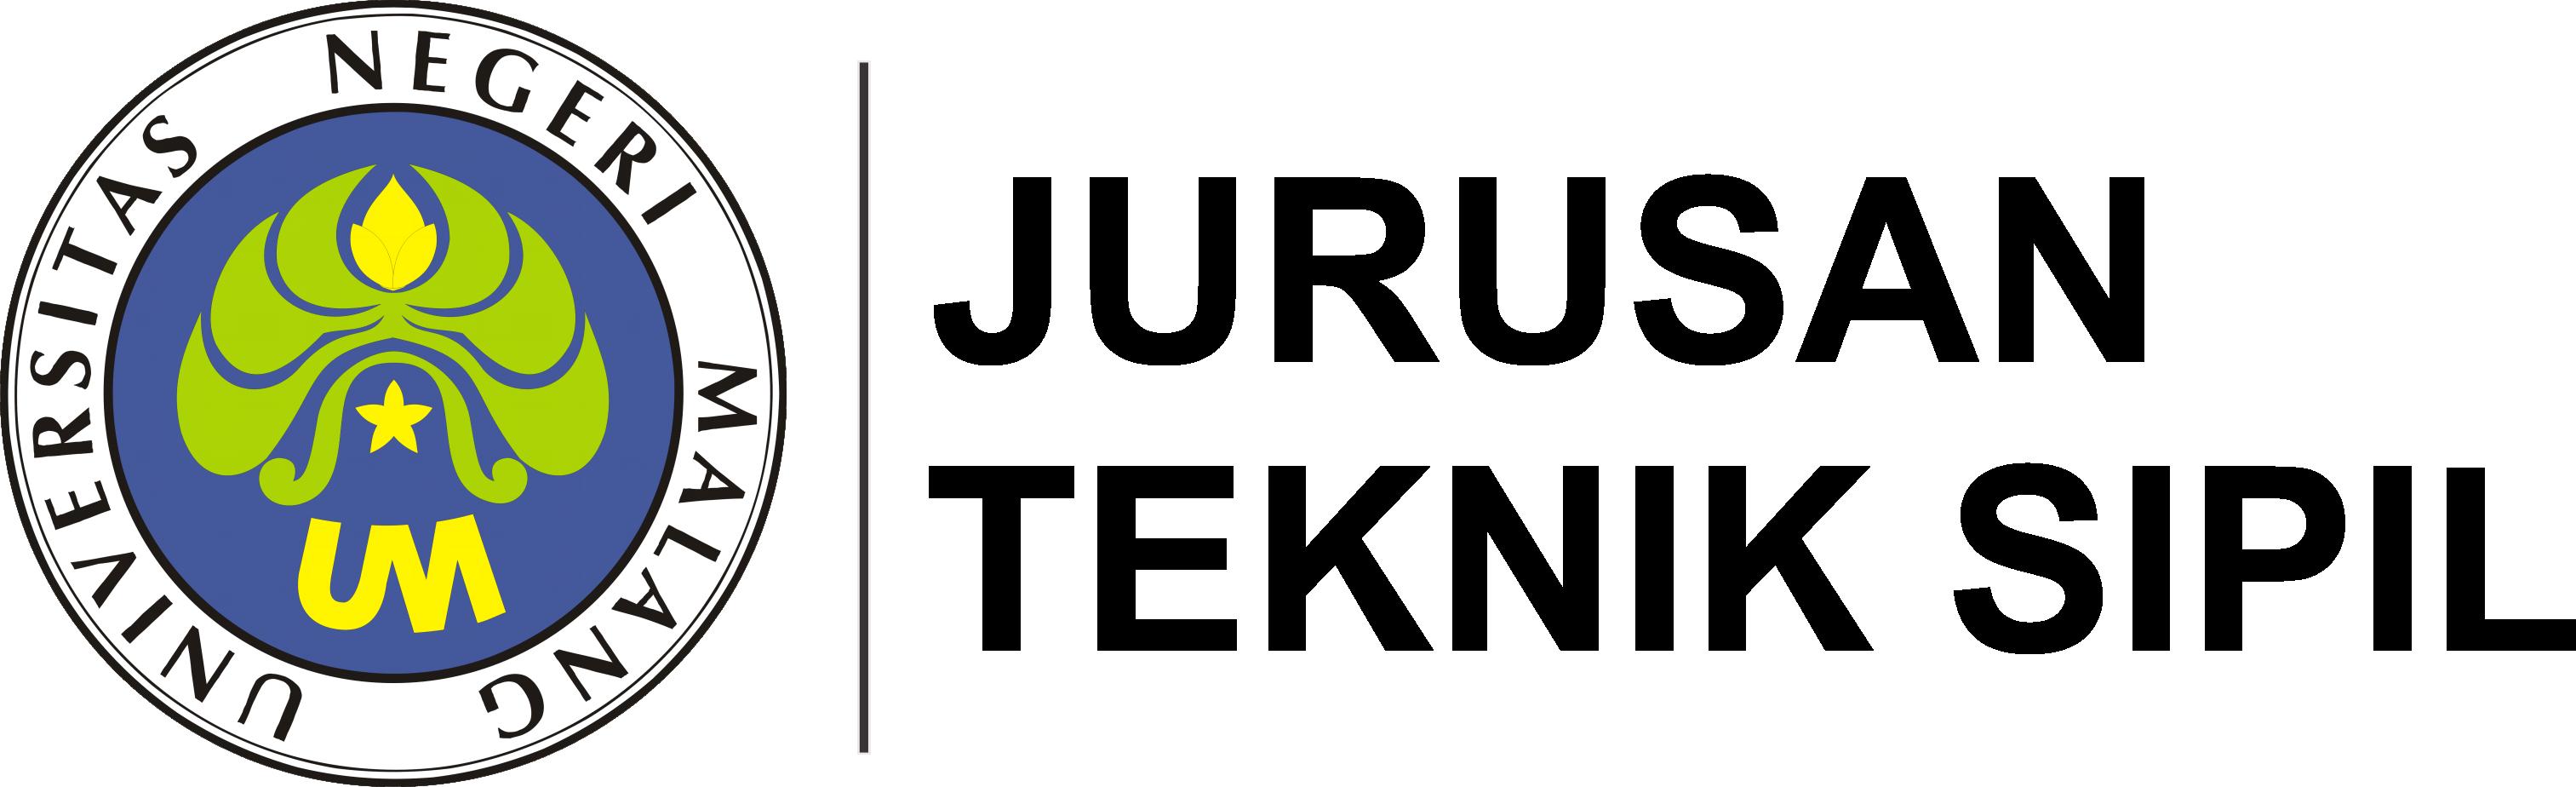 Jurusan Teknik Sipil